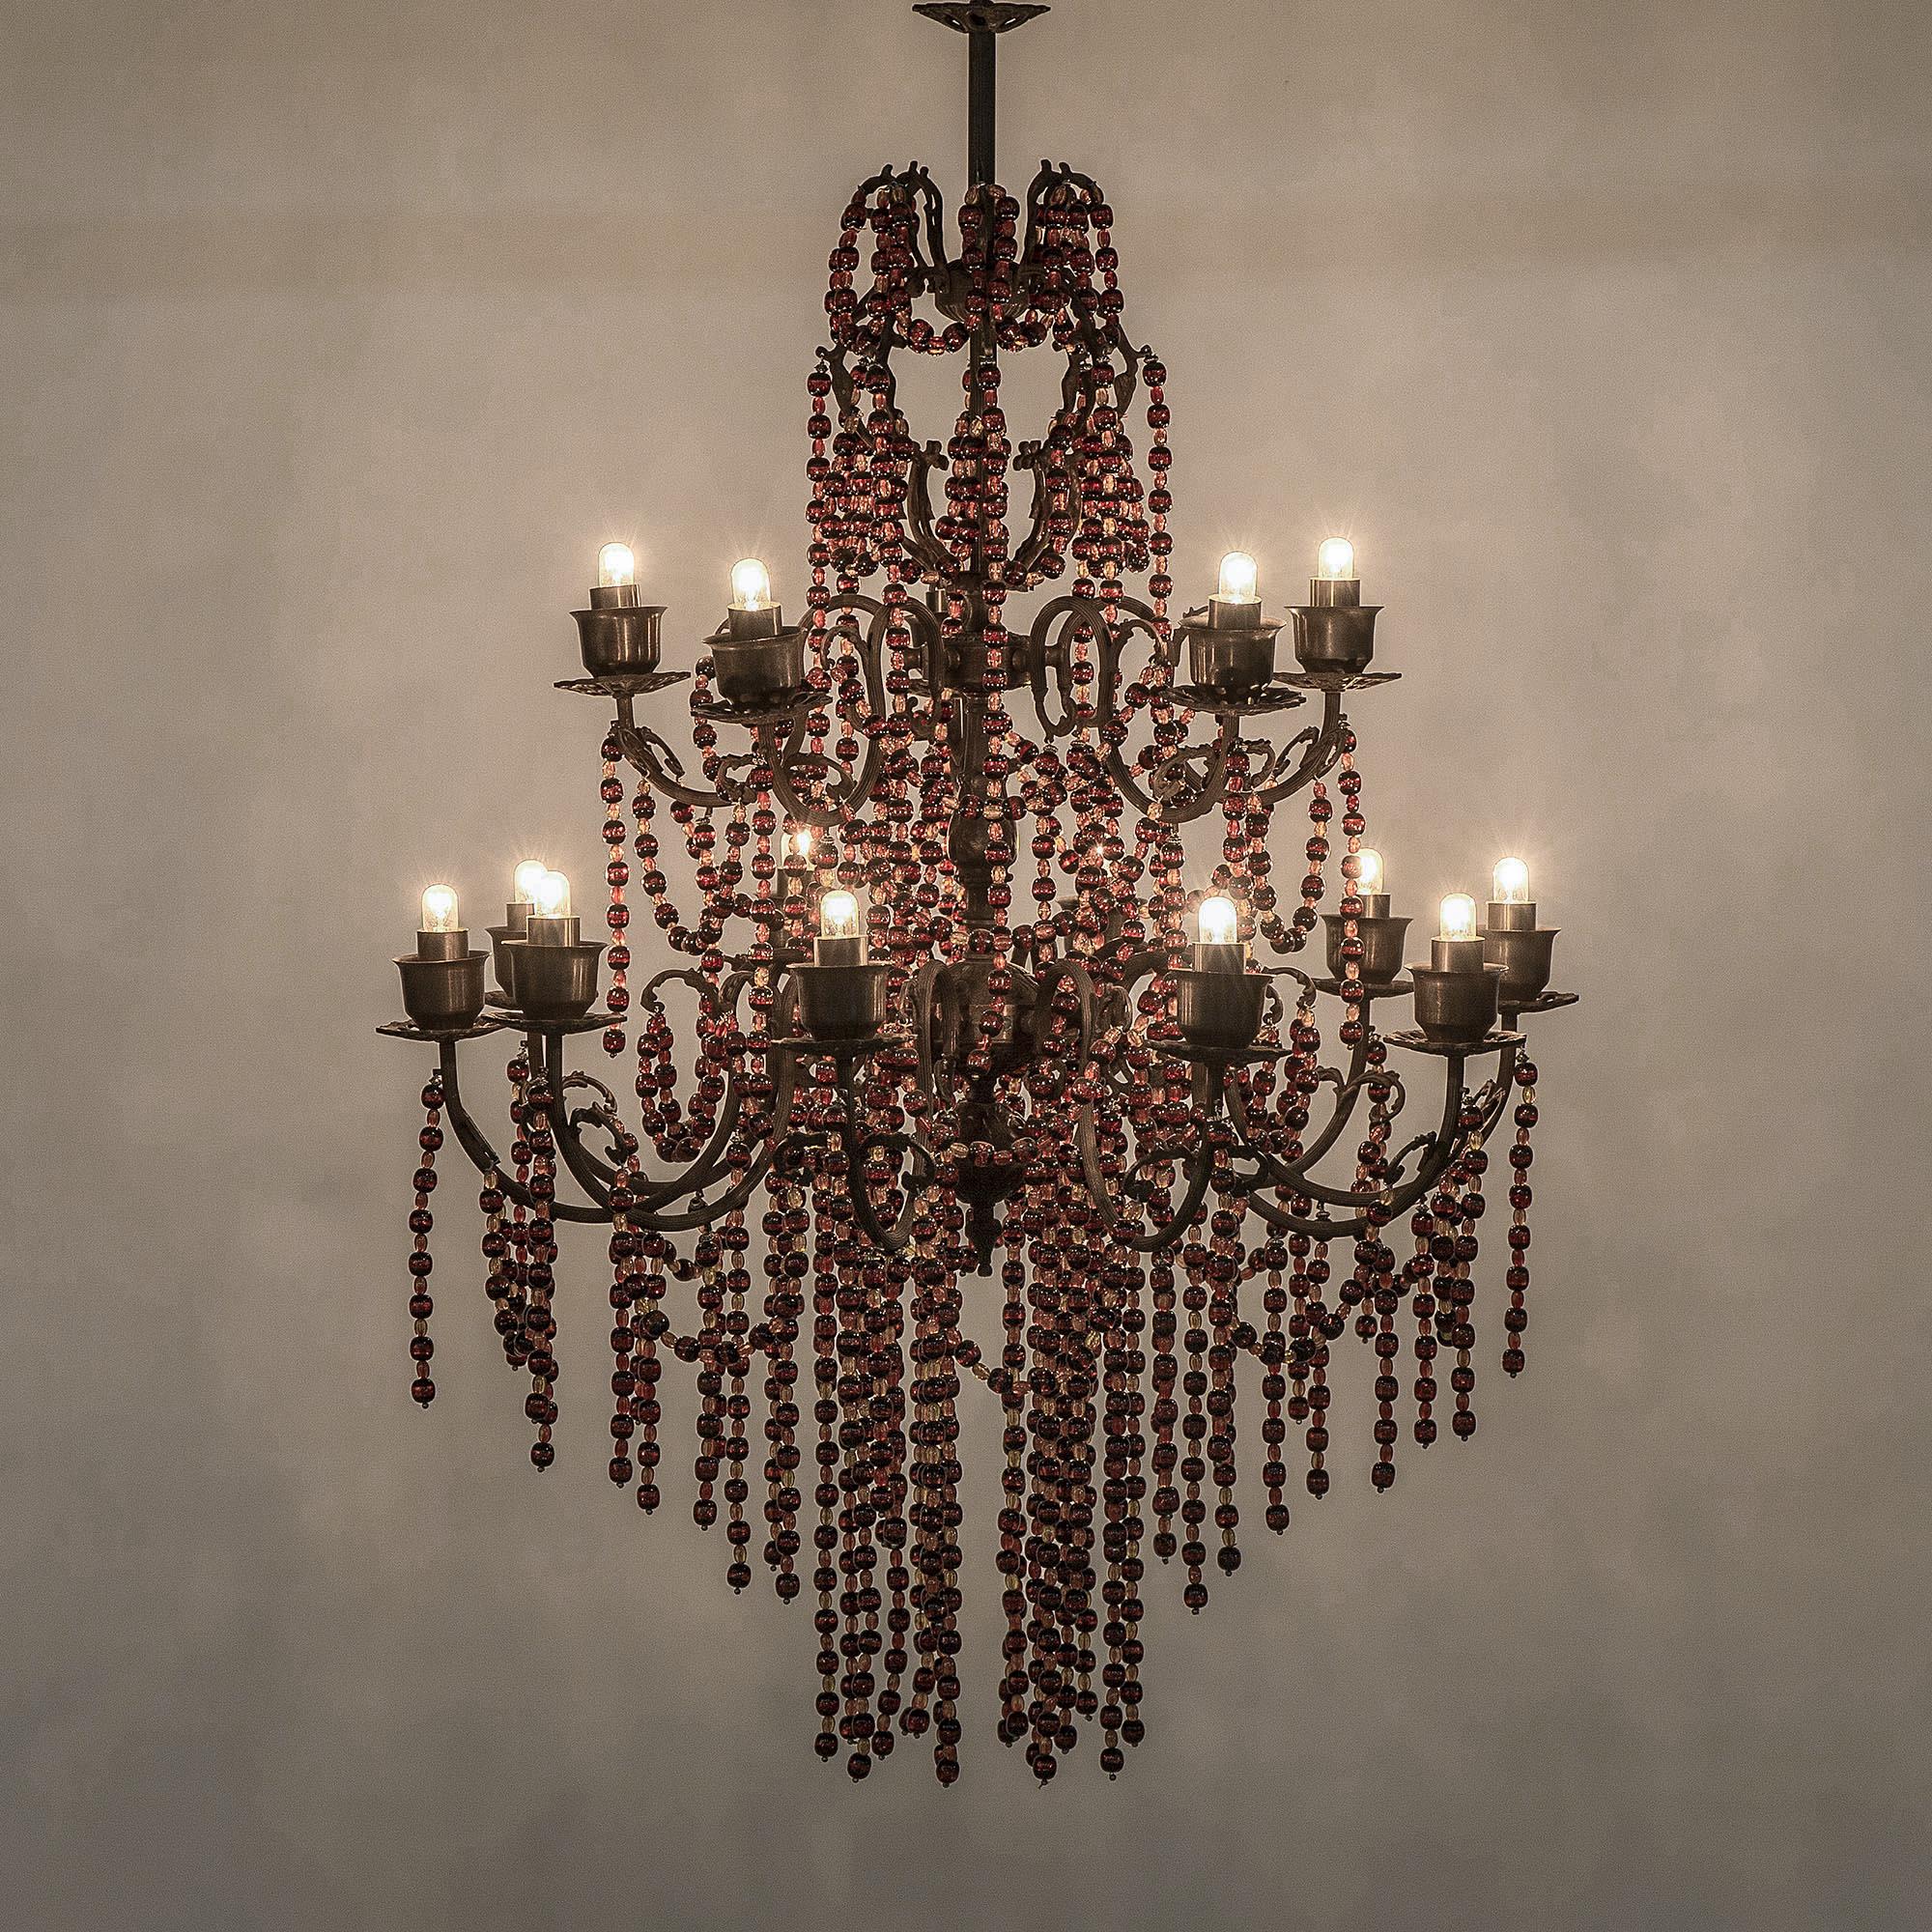 Nellcote_studio_soho_chandelier.jpg